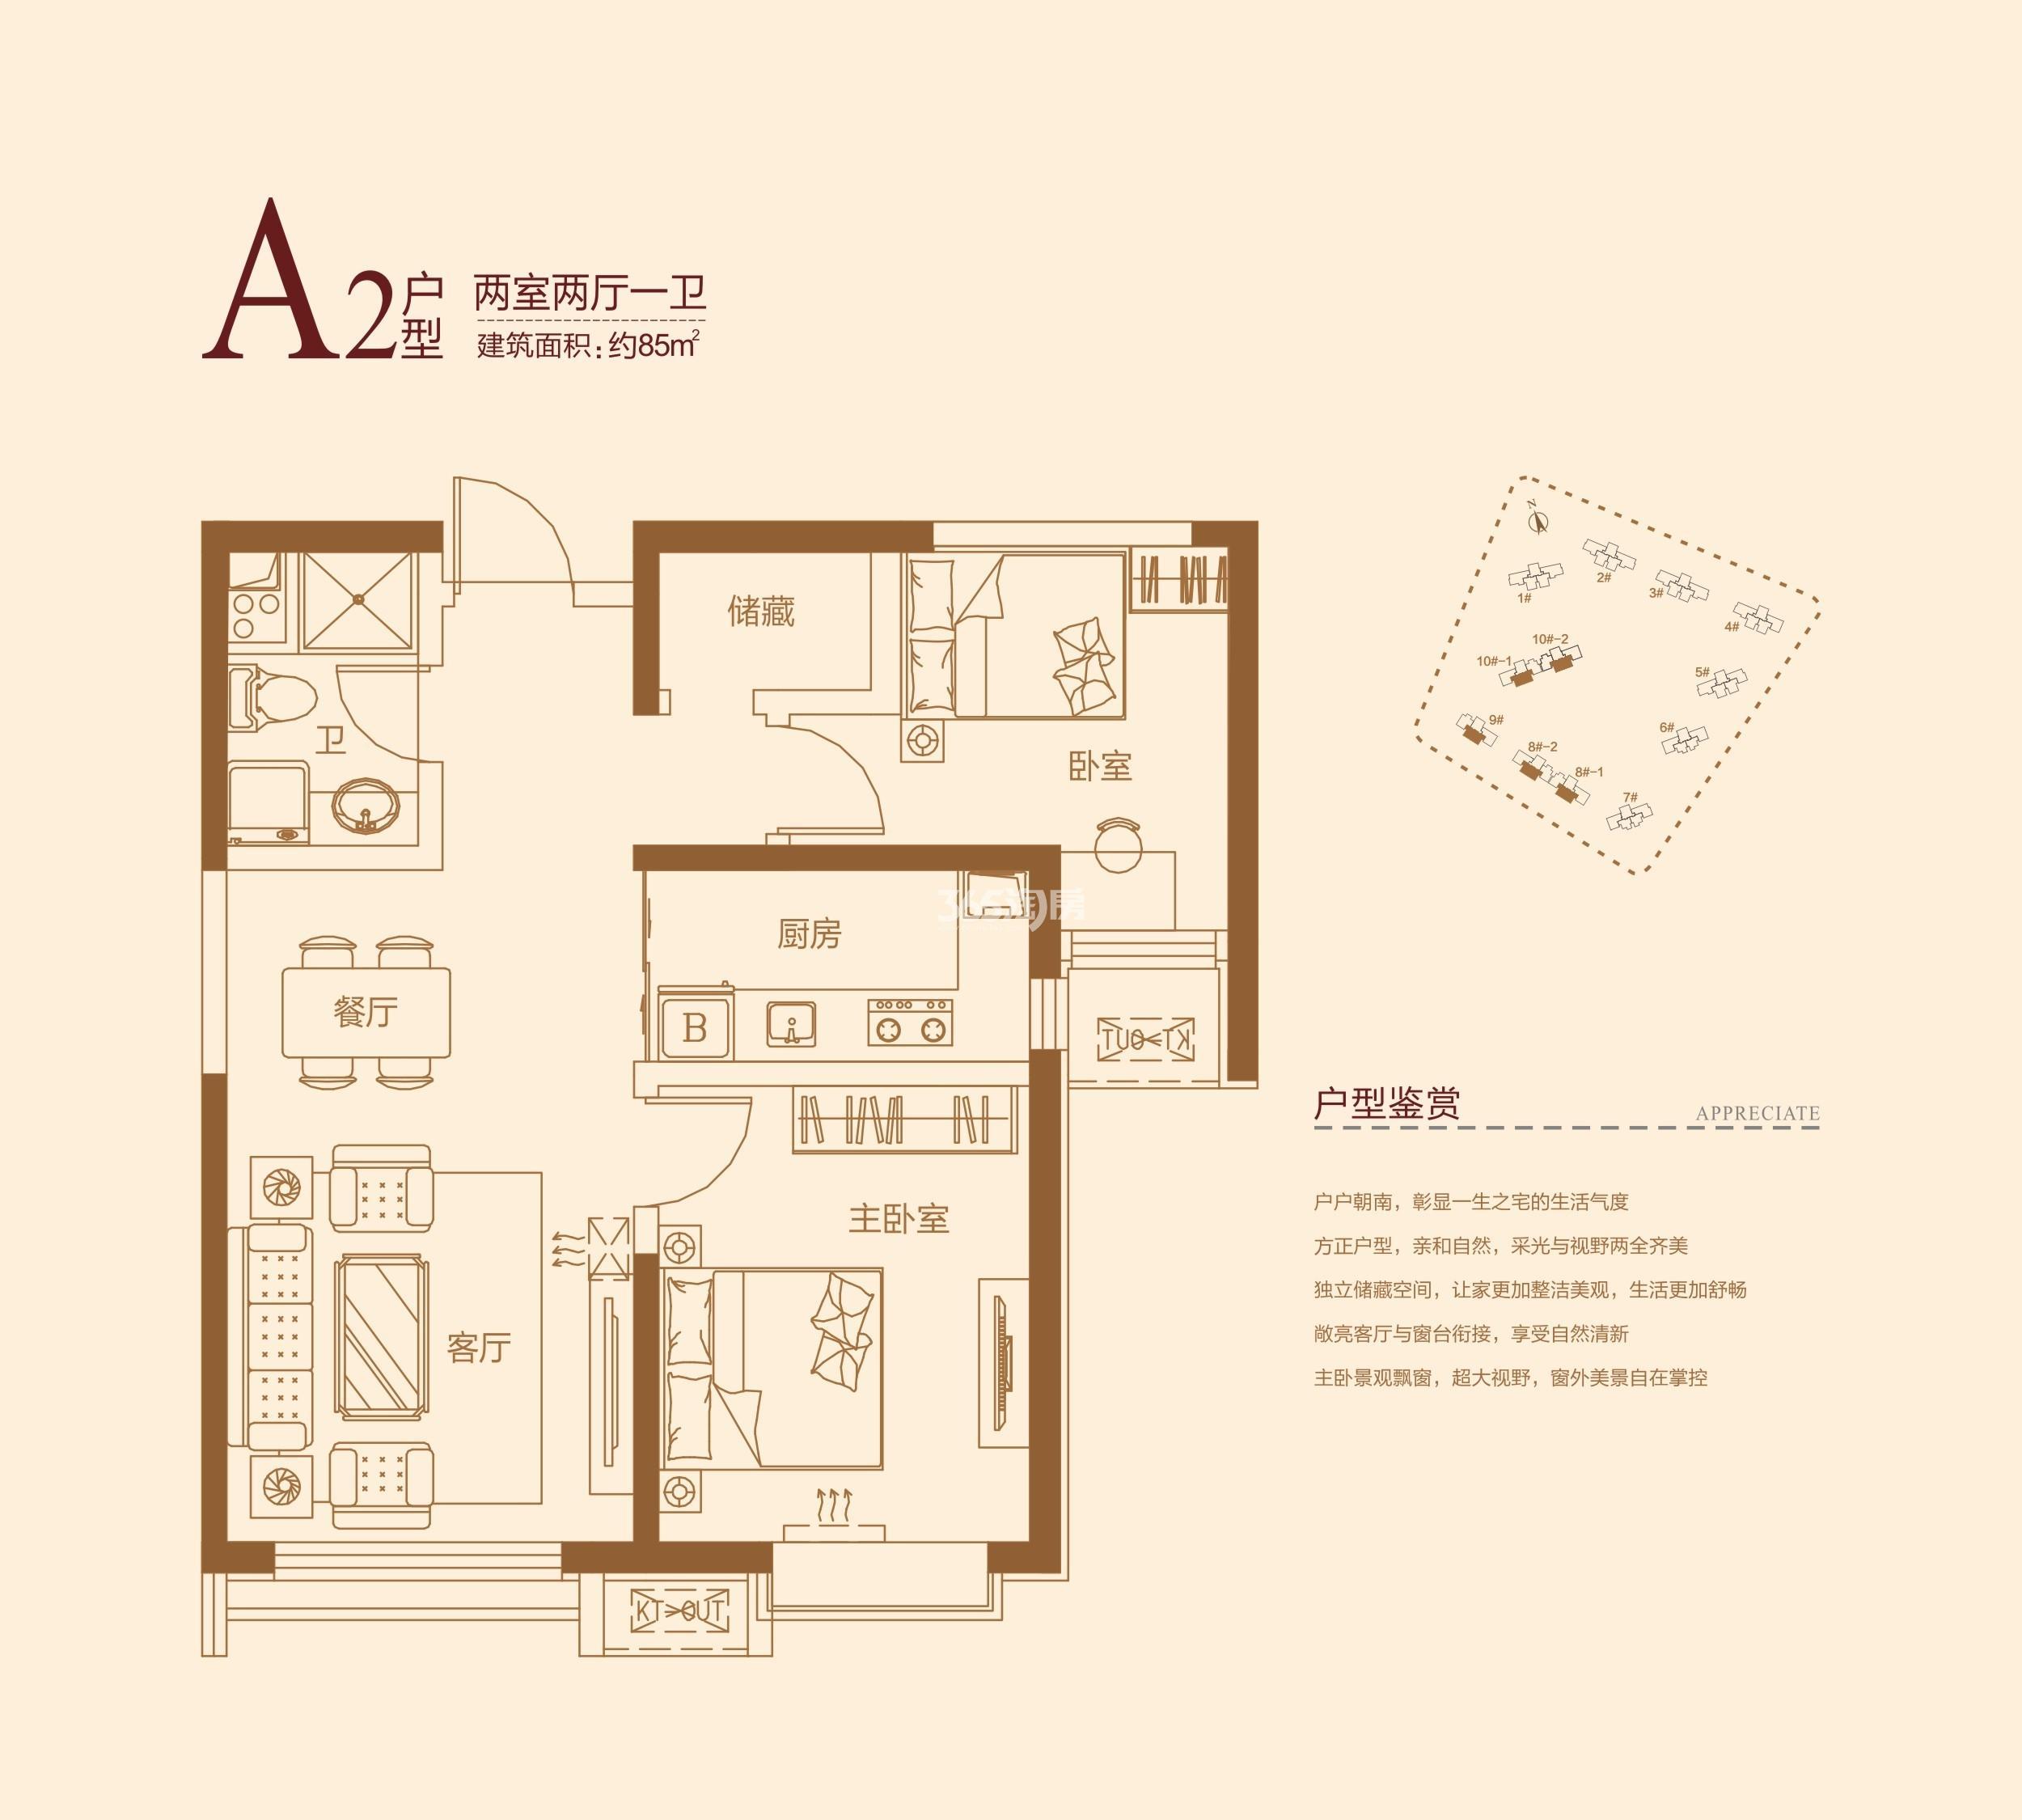 A2户型 两室两厅一卫 约85㎡